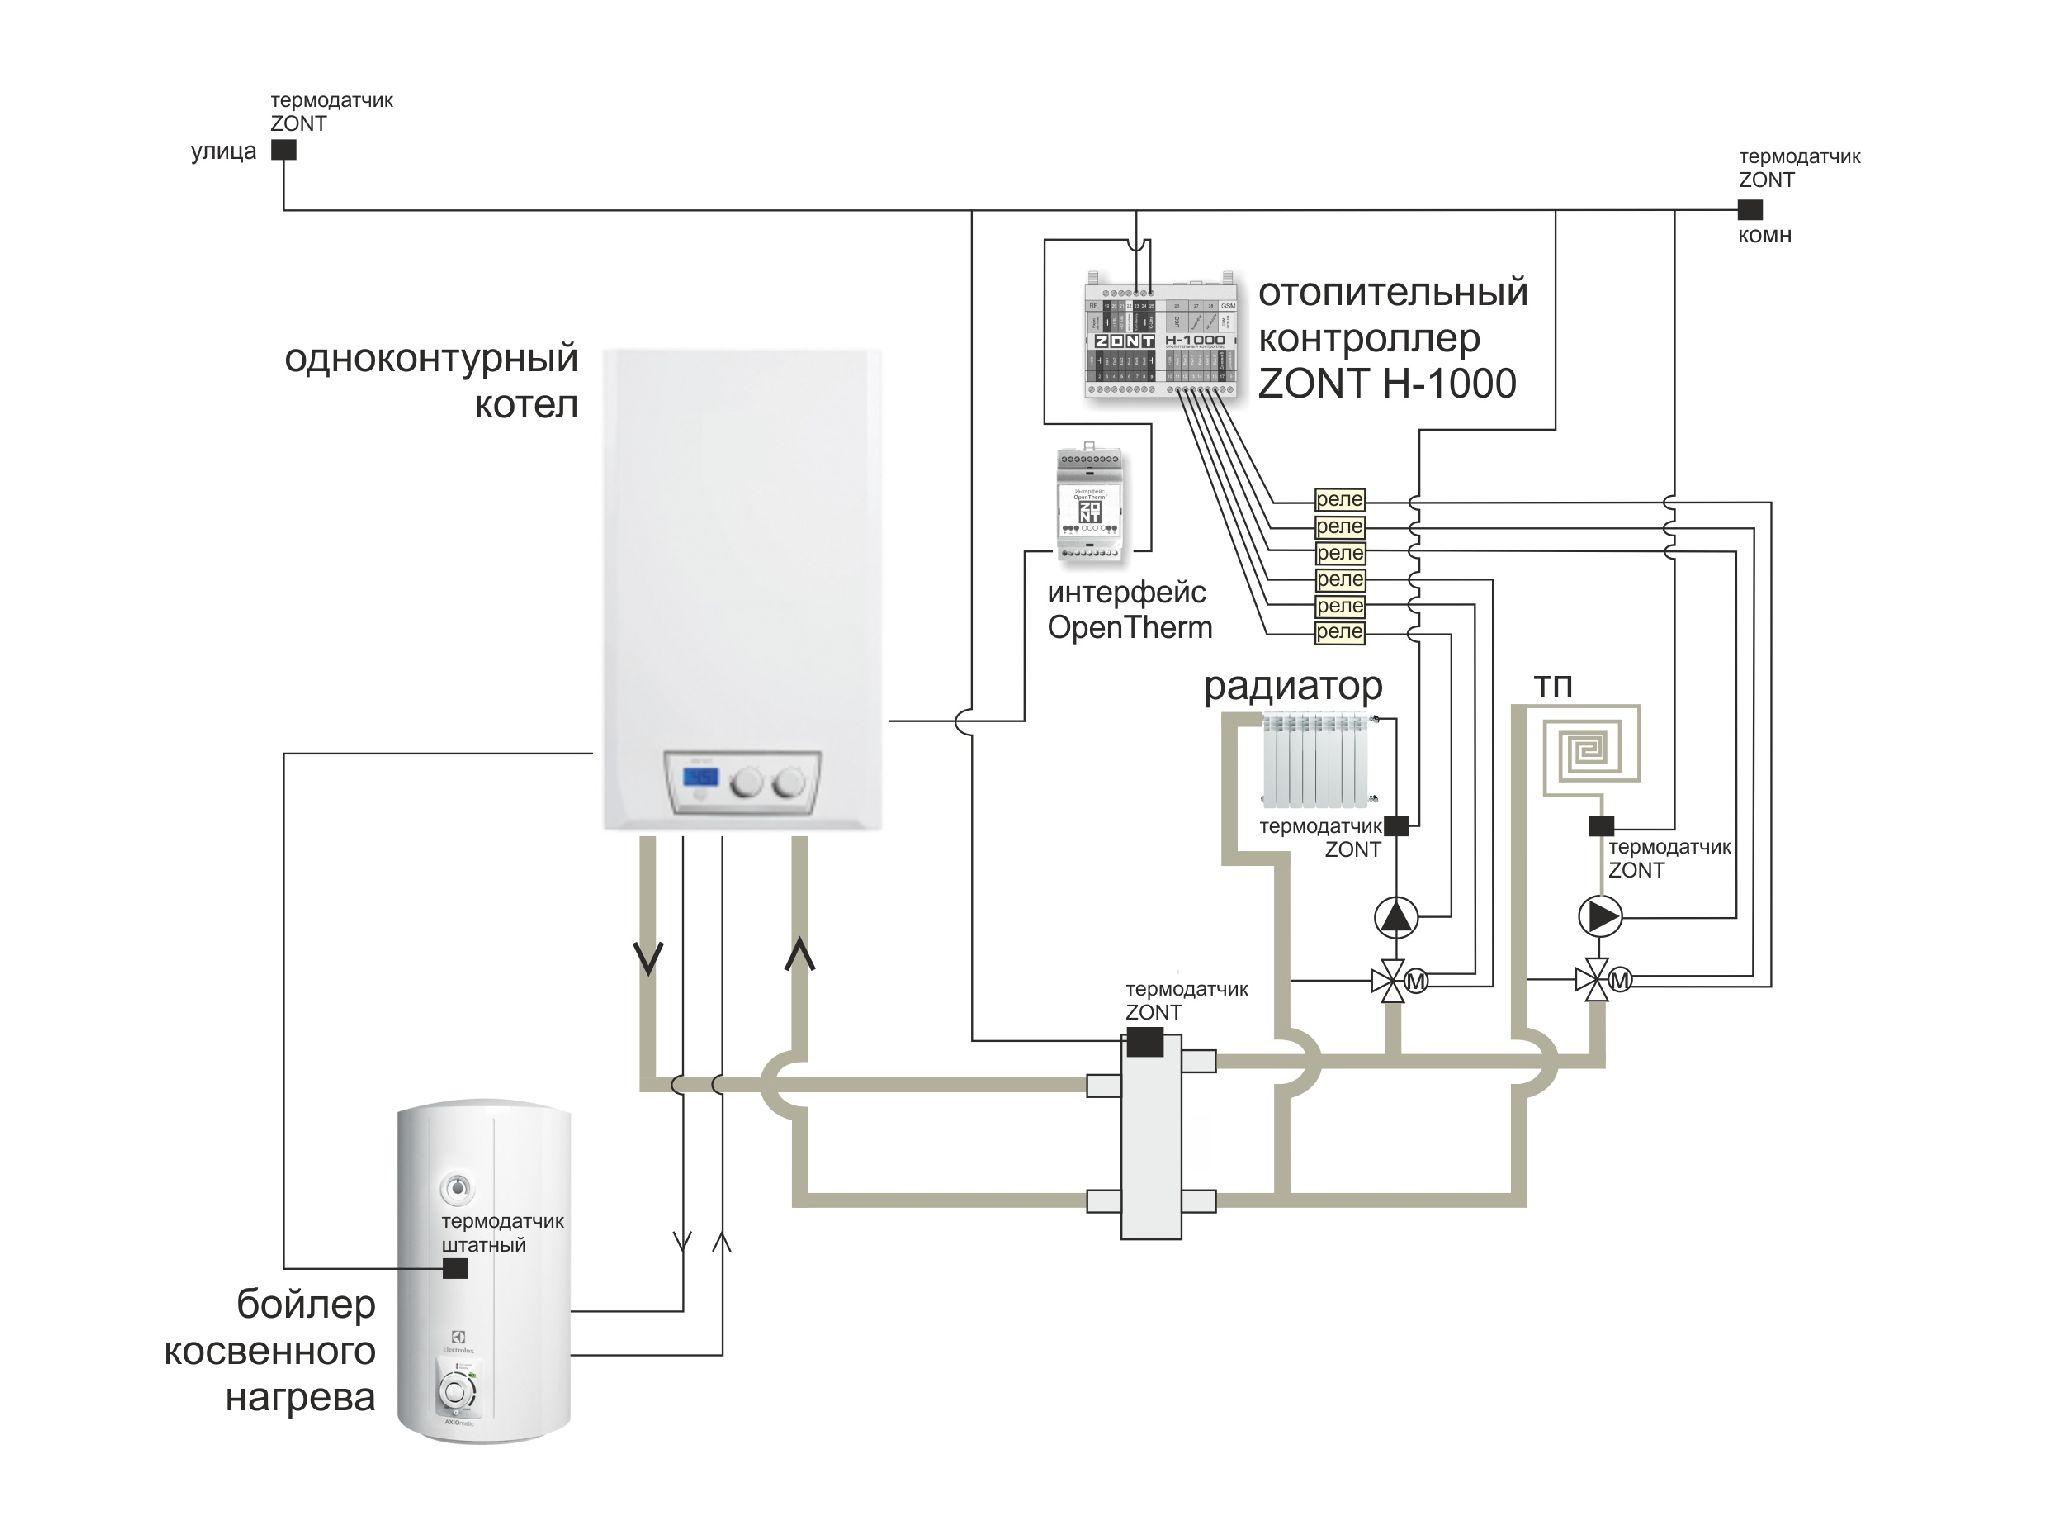 ZONT H-1000 универсальный контроллер для систем отопления купить, цена, отзывы, характеристики, официальный магазин | Москва, Волоколамское шоссе, 103, тел. +7 (495) 208-00-68 | Пример котельной с использованием адаптера цифровой шины